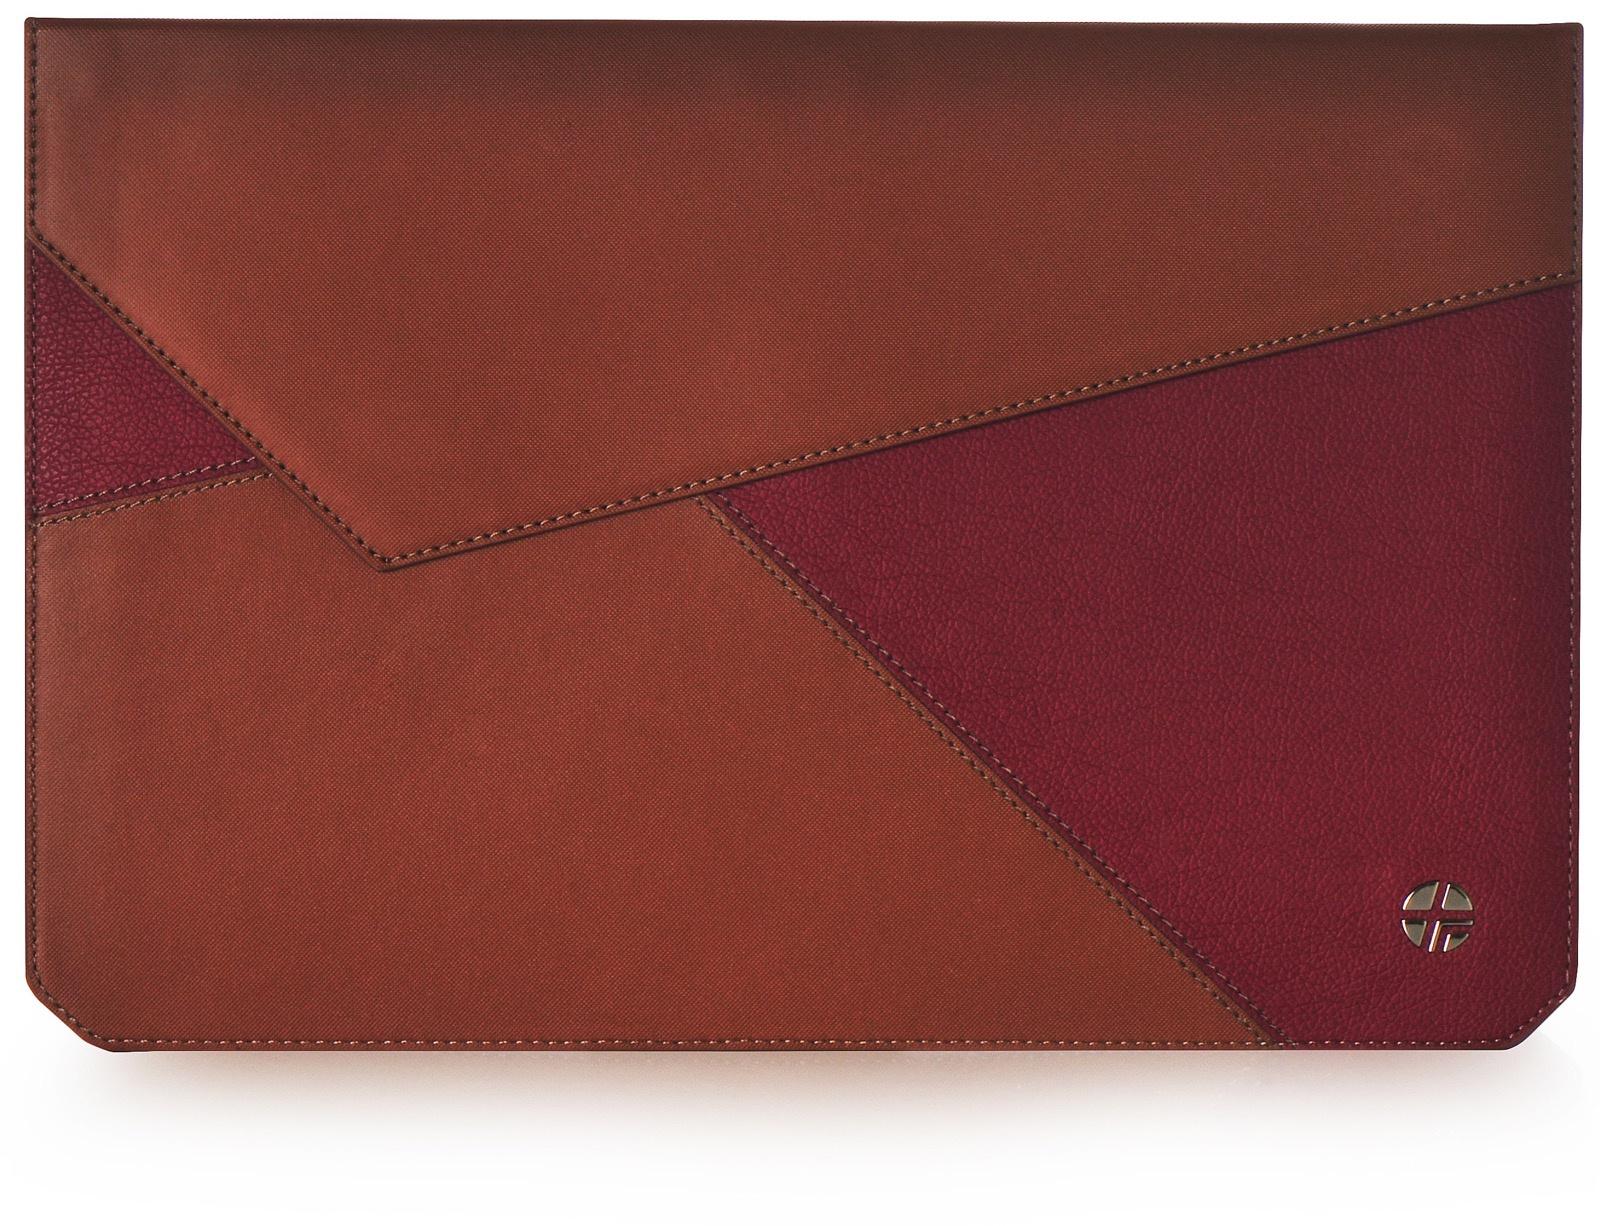 Чехол для ноутбука Trexta Sleeve Original конверт кожа для Apple MacBook Air 11 ,220182,коричневый крышка ноутбука